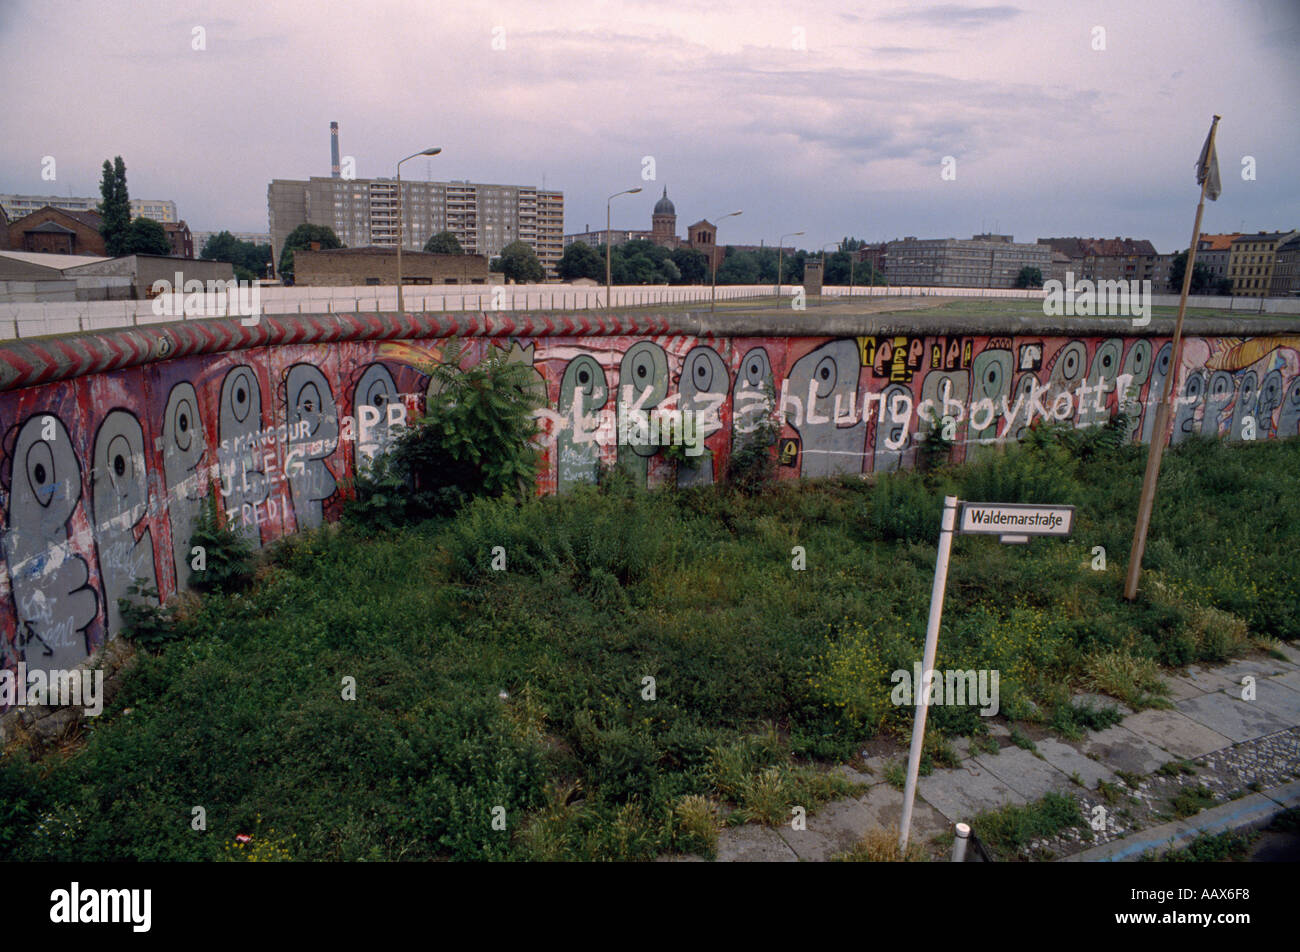 La historia de Europa. El histórico Muro de Berlín en el oeste de Berlín, en Alemania, en Europa durante la Guerra Fría. Imagen De Stock